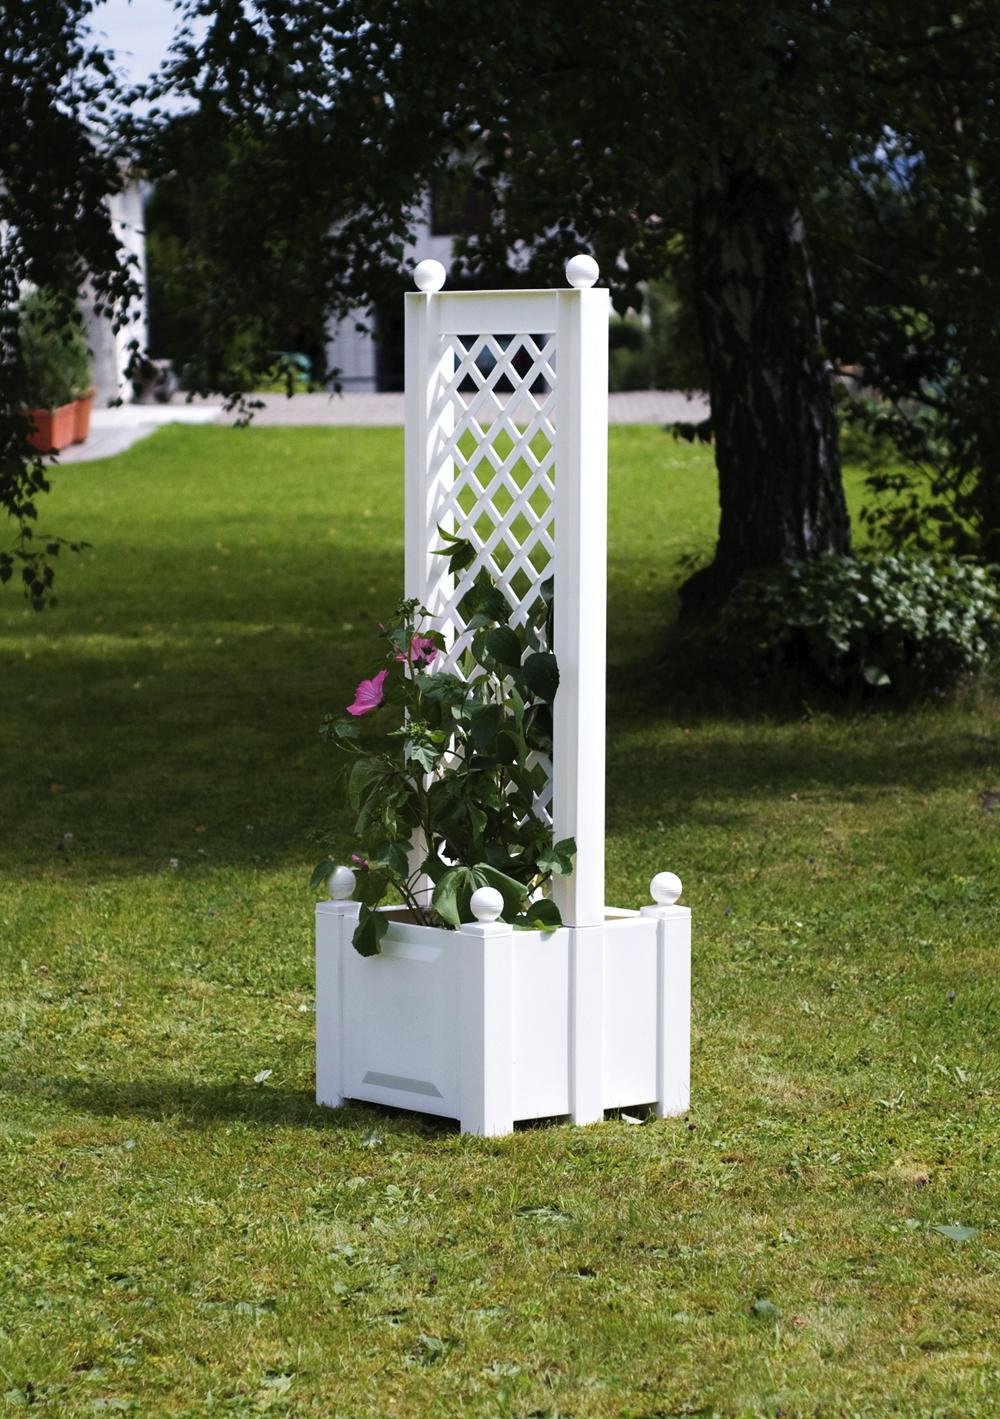 Ящик для растений KHW 37401 WhiteСадовые конструкции<br><br><br>Тип: ящик для растений<br>Объем, л: 44<br>Материал : полипропилен<br>Шпалера в комплекте: есть<br>Ящик для растений: есть